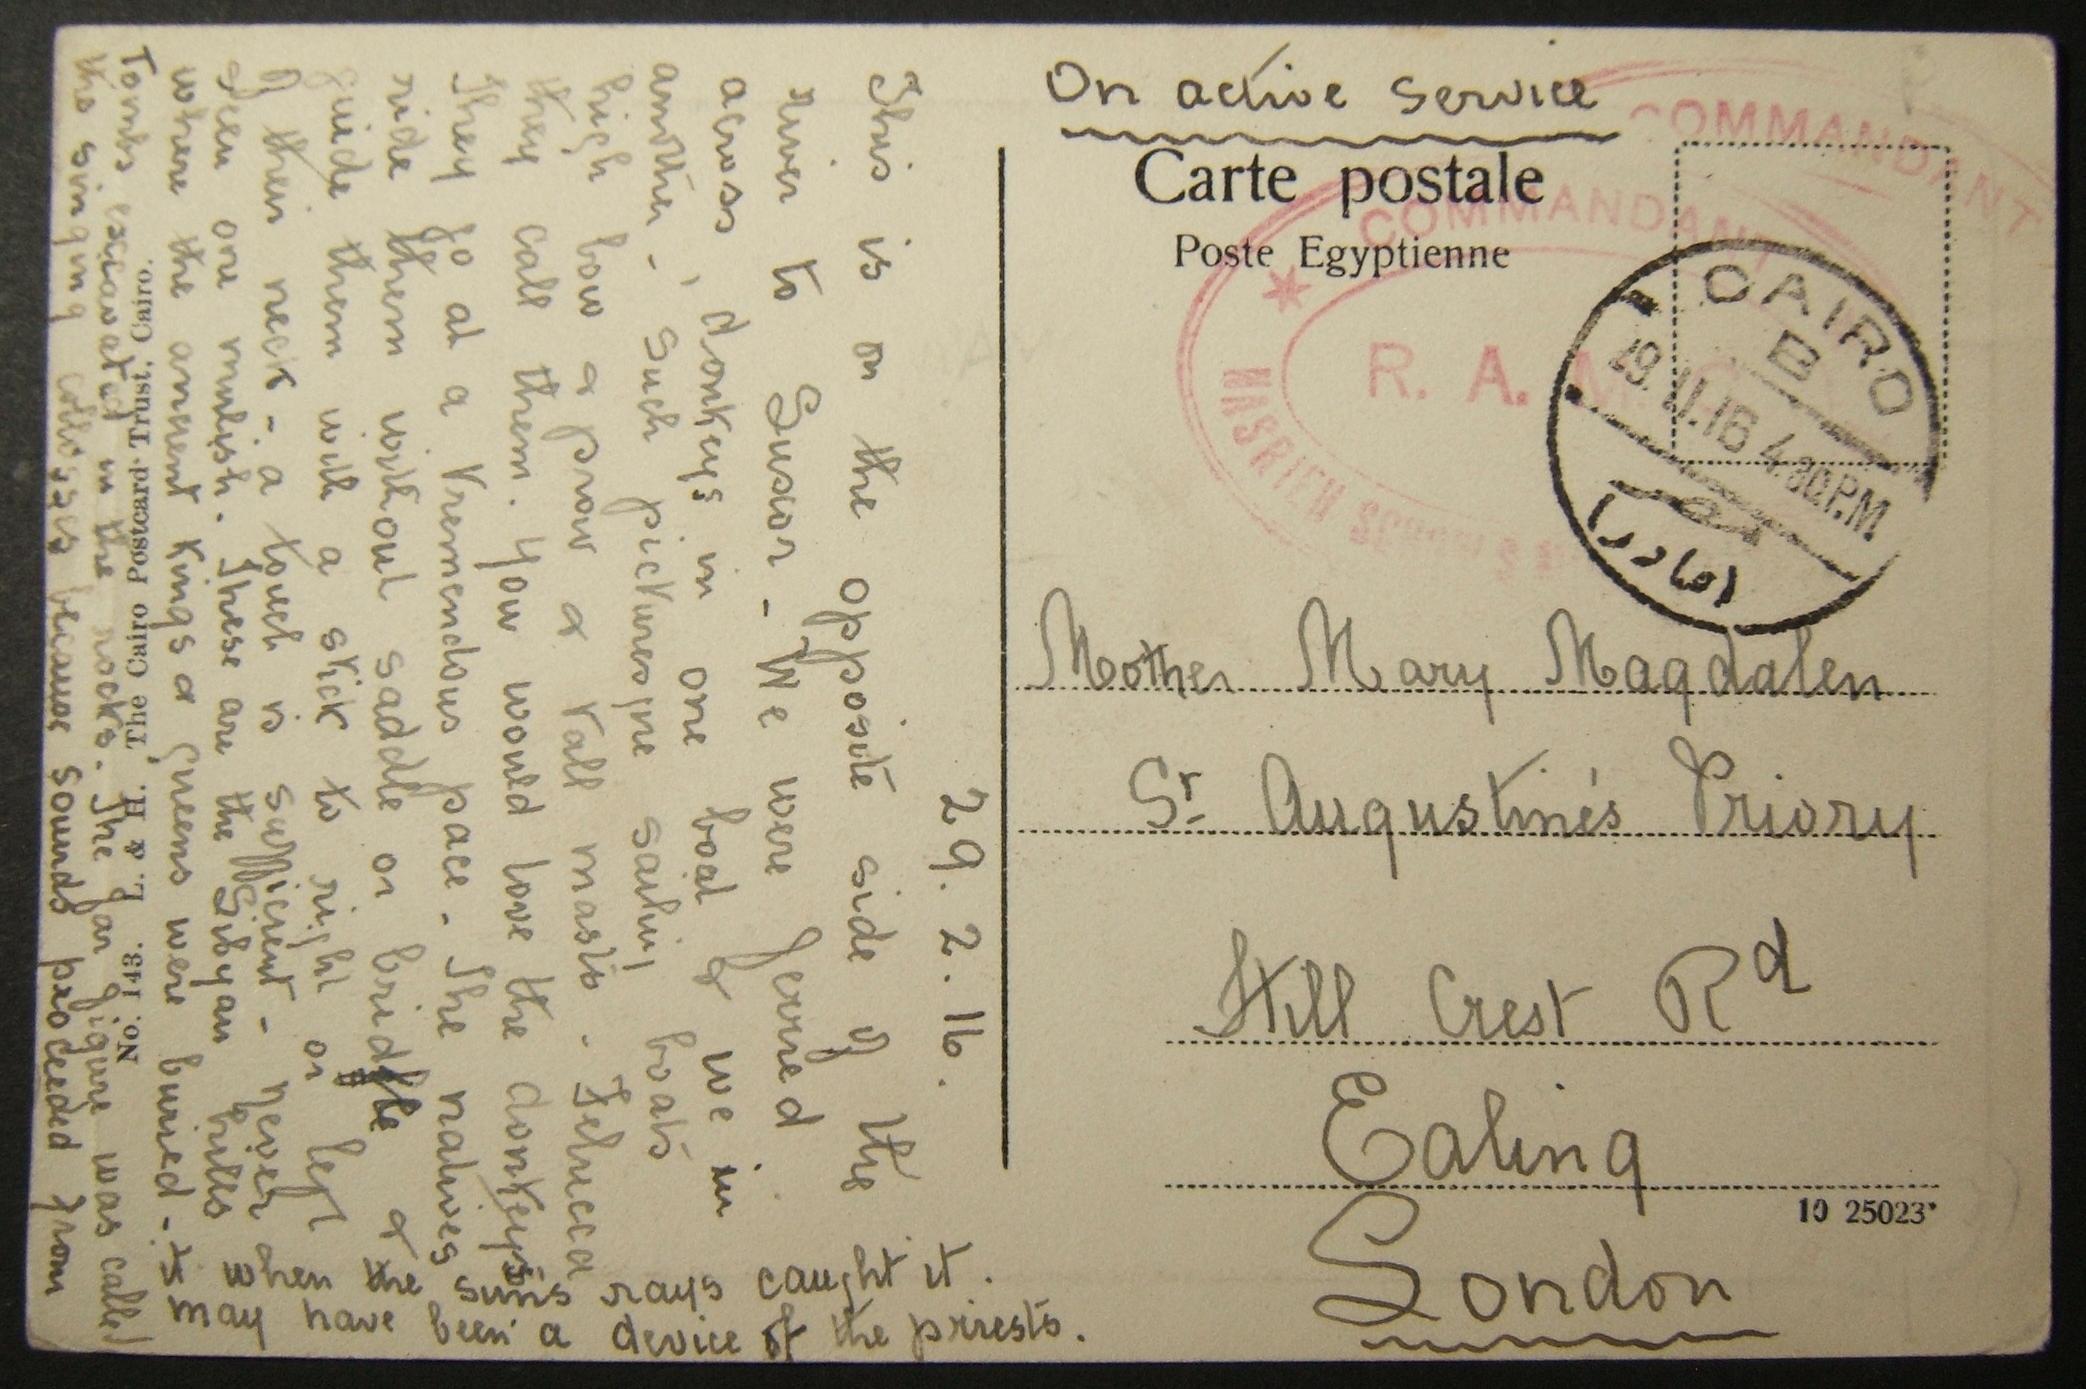 2/1916 WWI unranked הבריטי דואר צבאי בבריטניה דרך הדואר המצרי, עם המטמון בבית החולים